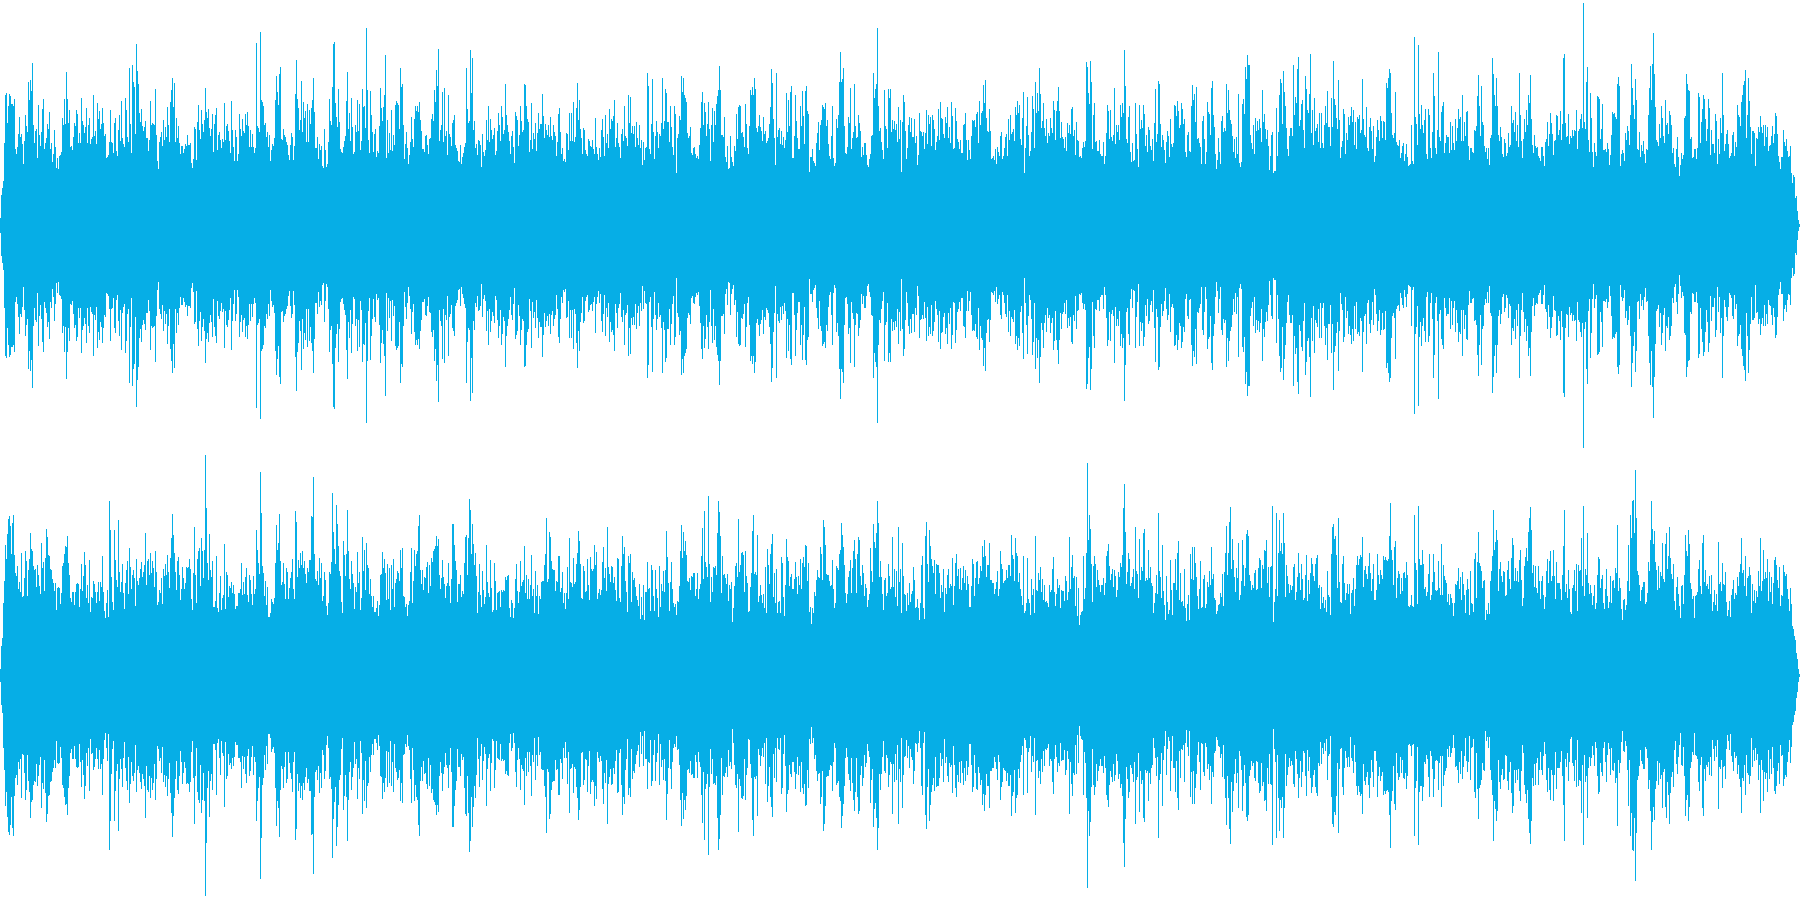 睡眠ヒーリング作業瞑想ピアノBGMの再生済みの波形